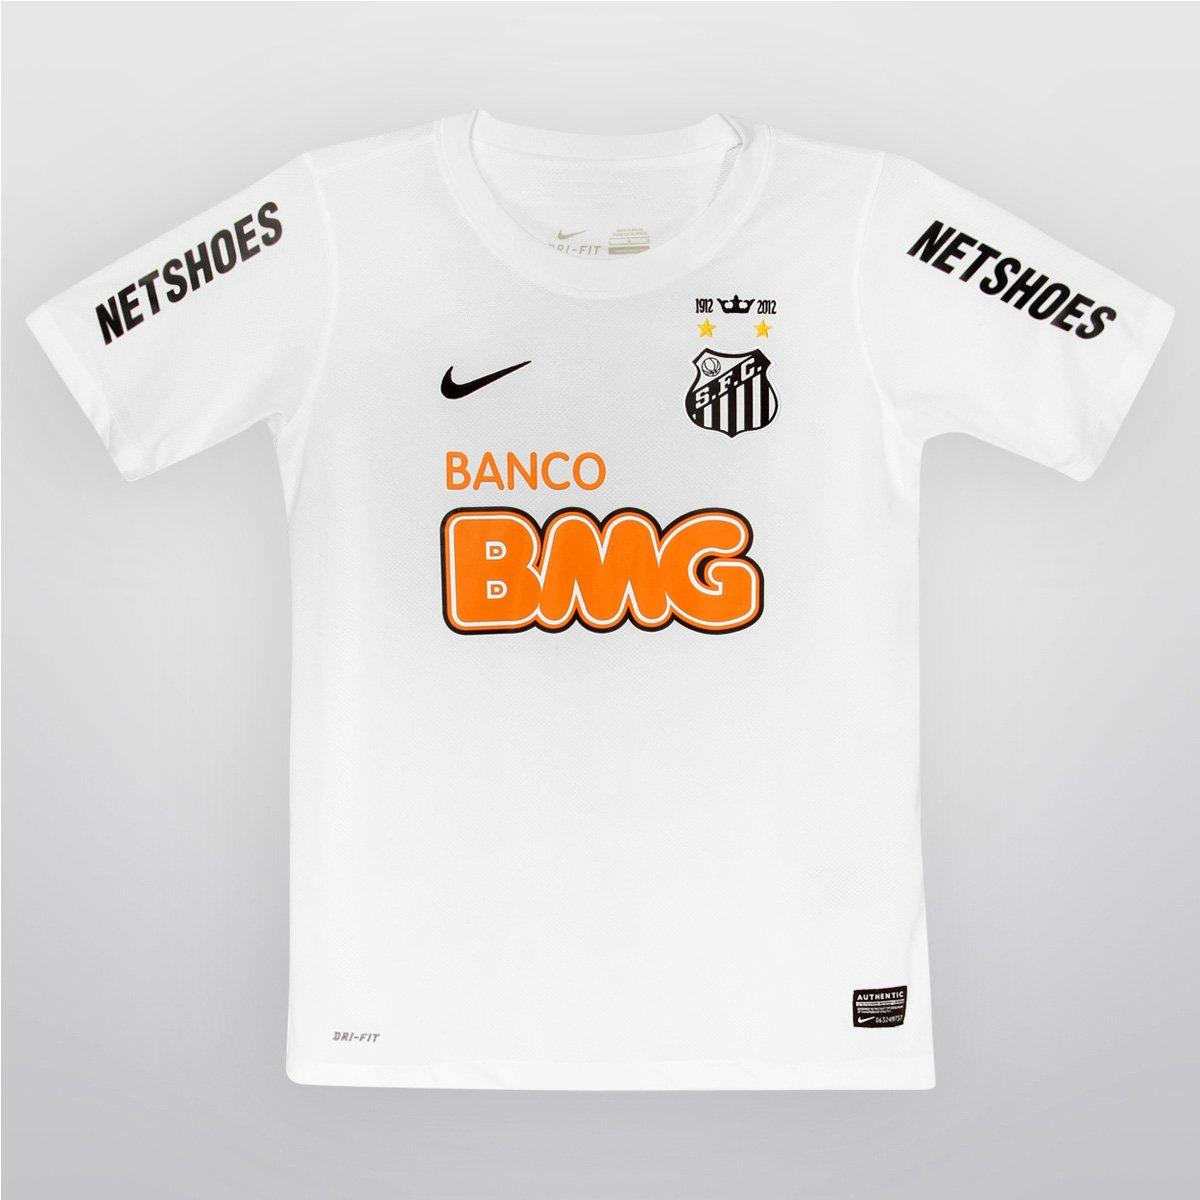 3a1a83ab631 Camisa Nike Santos I 12 13 s n° Infantil - Compre Agora